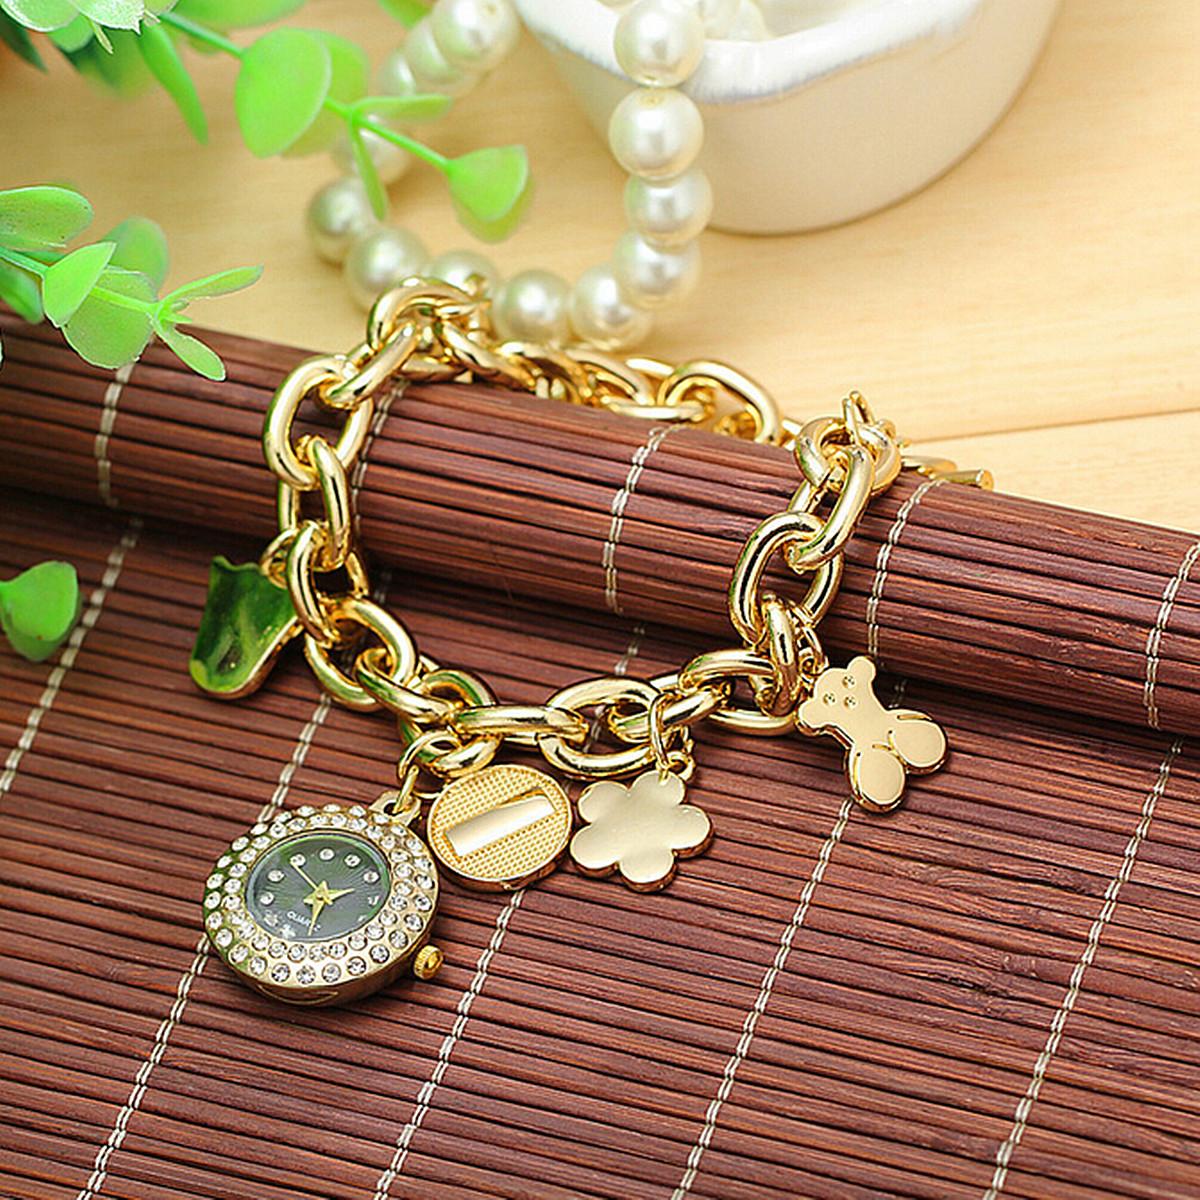 Reloj de pulsera de acero inoxidable de diamantes de - Reloj de cadena ...